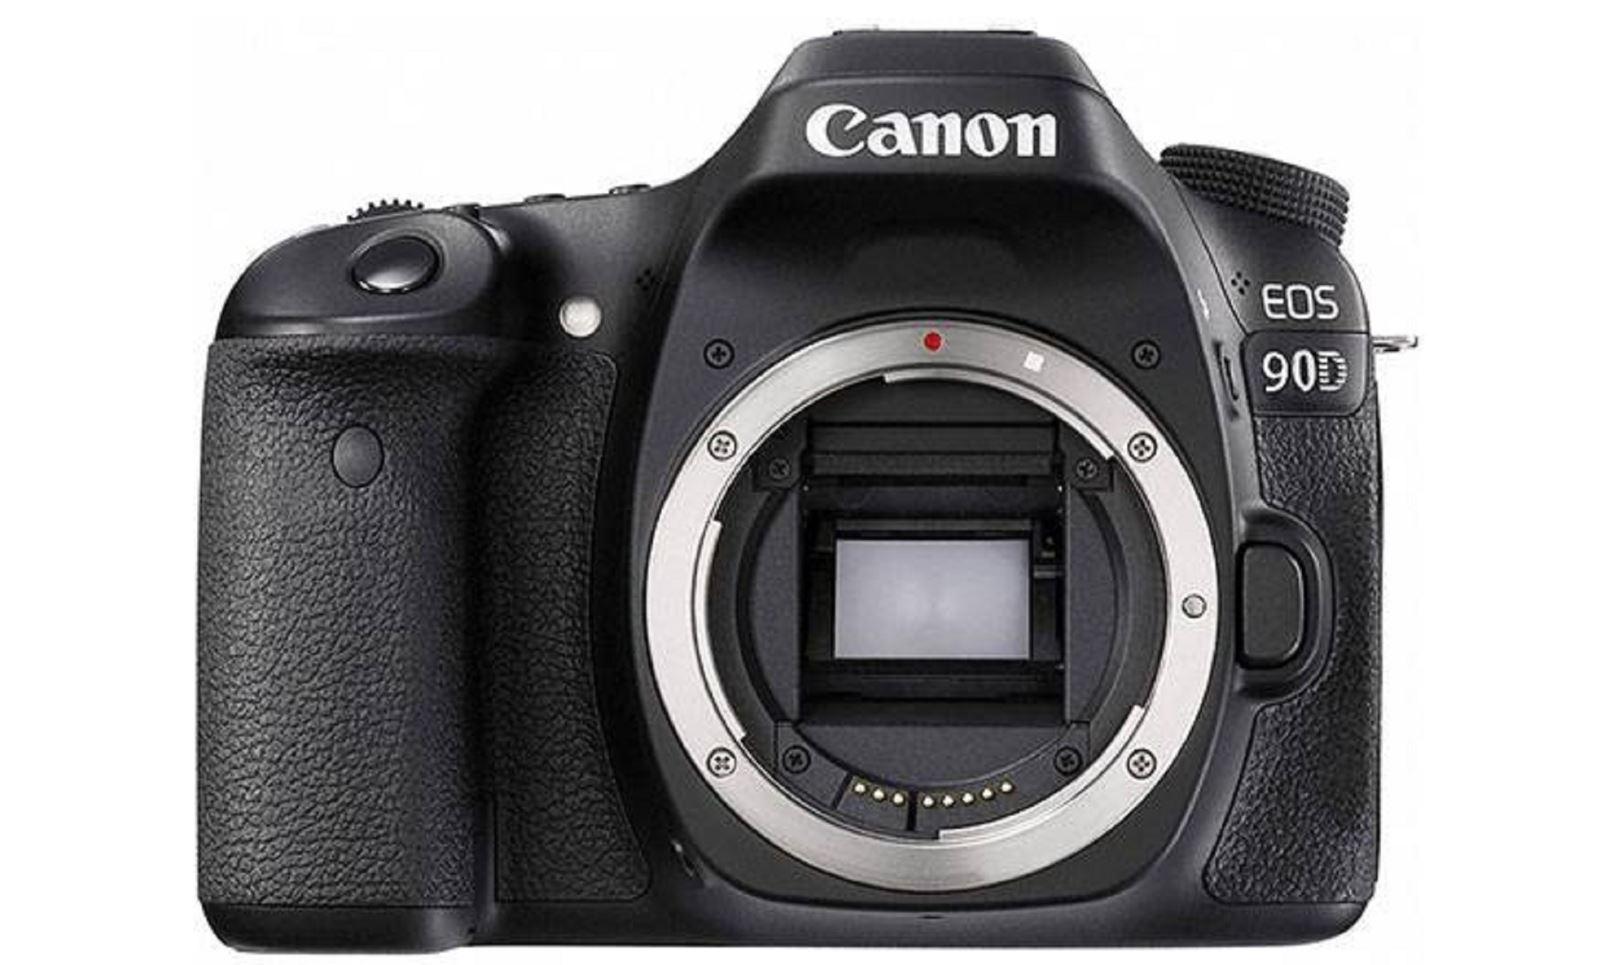 Canon EOS 90D sẽ đượcra mắt vào cuốitháng 8 năm 2019 với mức giá1399 USD